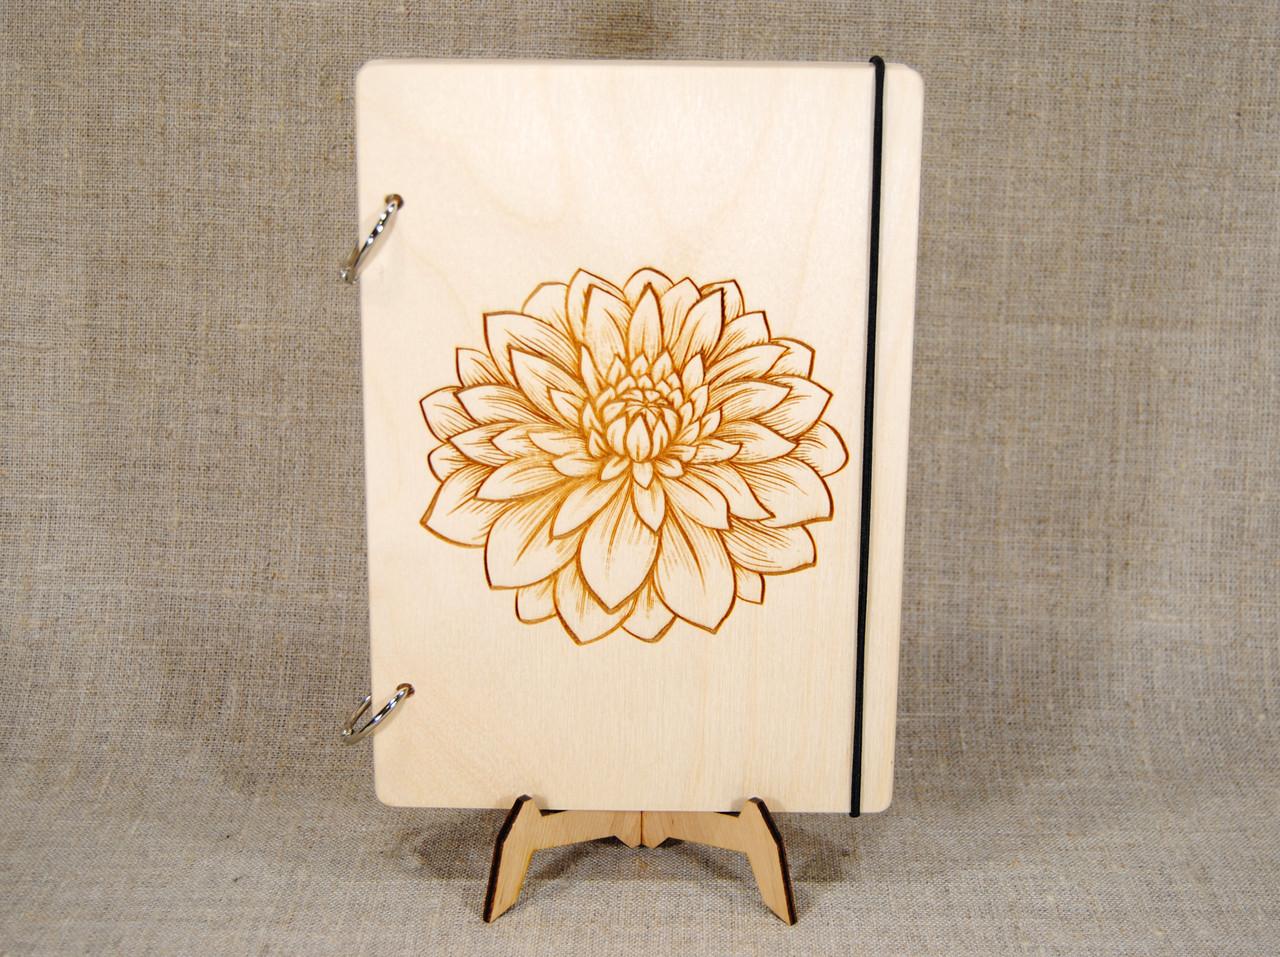 Скетчбук A5. Блокнот с деревянной обложкой с цветком, фото 1